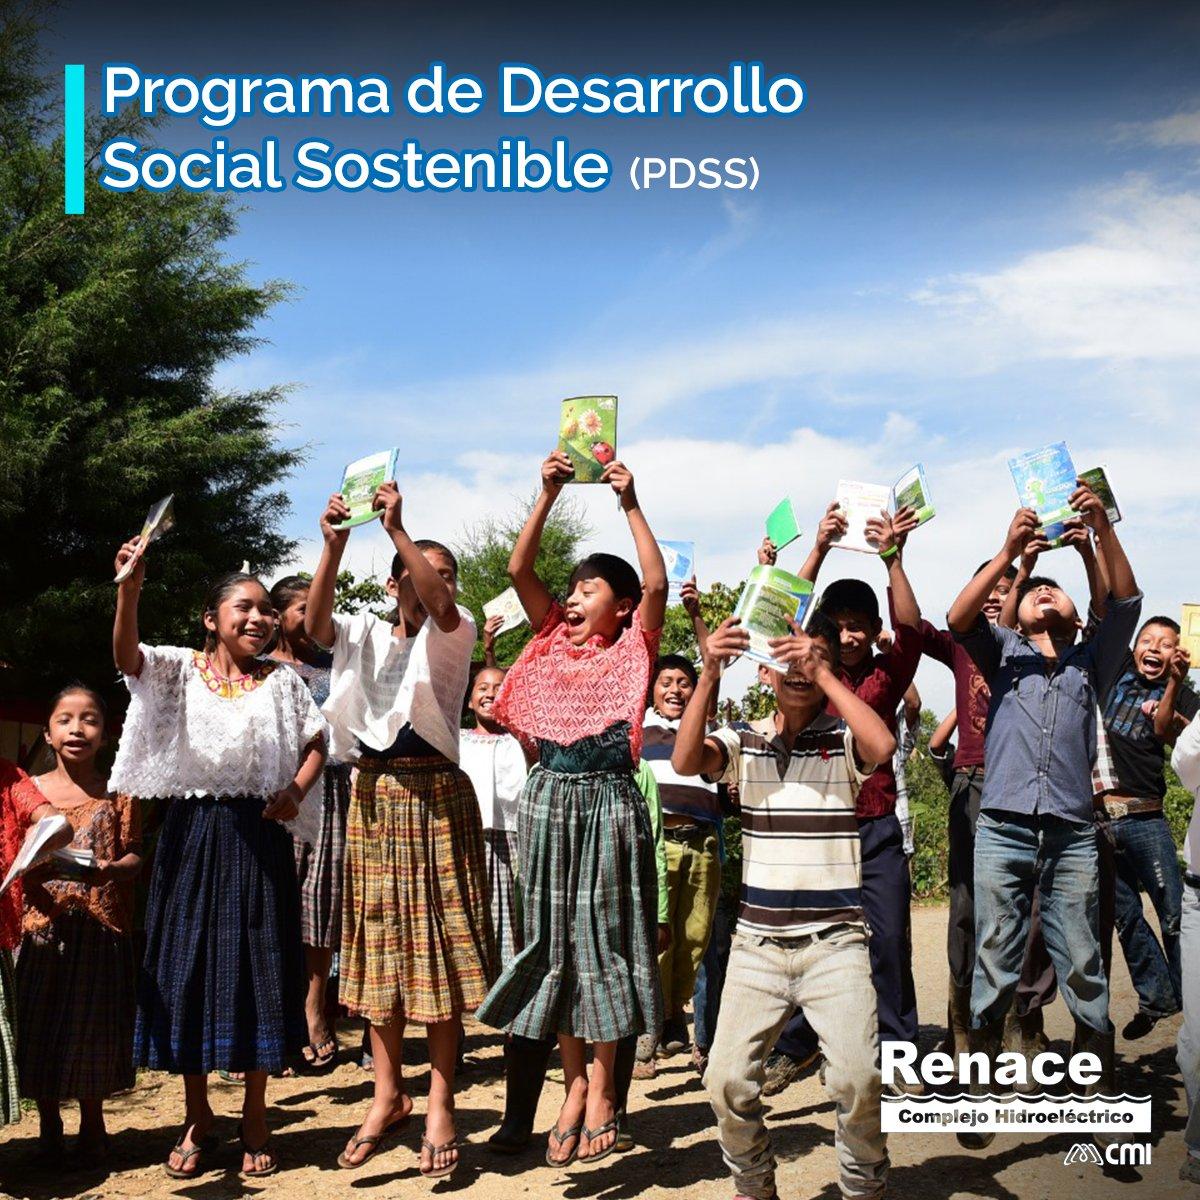 Renace aporta a 29 comunidades Maya Q'eqchi' de San Pedro Carchá, brinda herramientas a través de 7 Programas de Desarrollo Social Sostenible, y genera herramientas para todas las etapas de desarrollo de las comunidades. #RenaceAporta https://t.co/inudGOW3fu